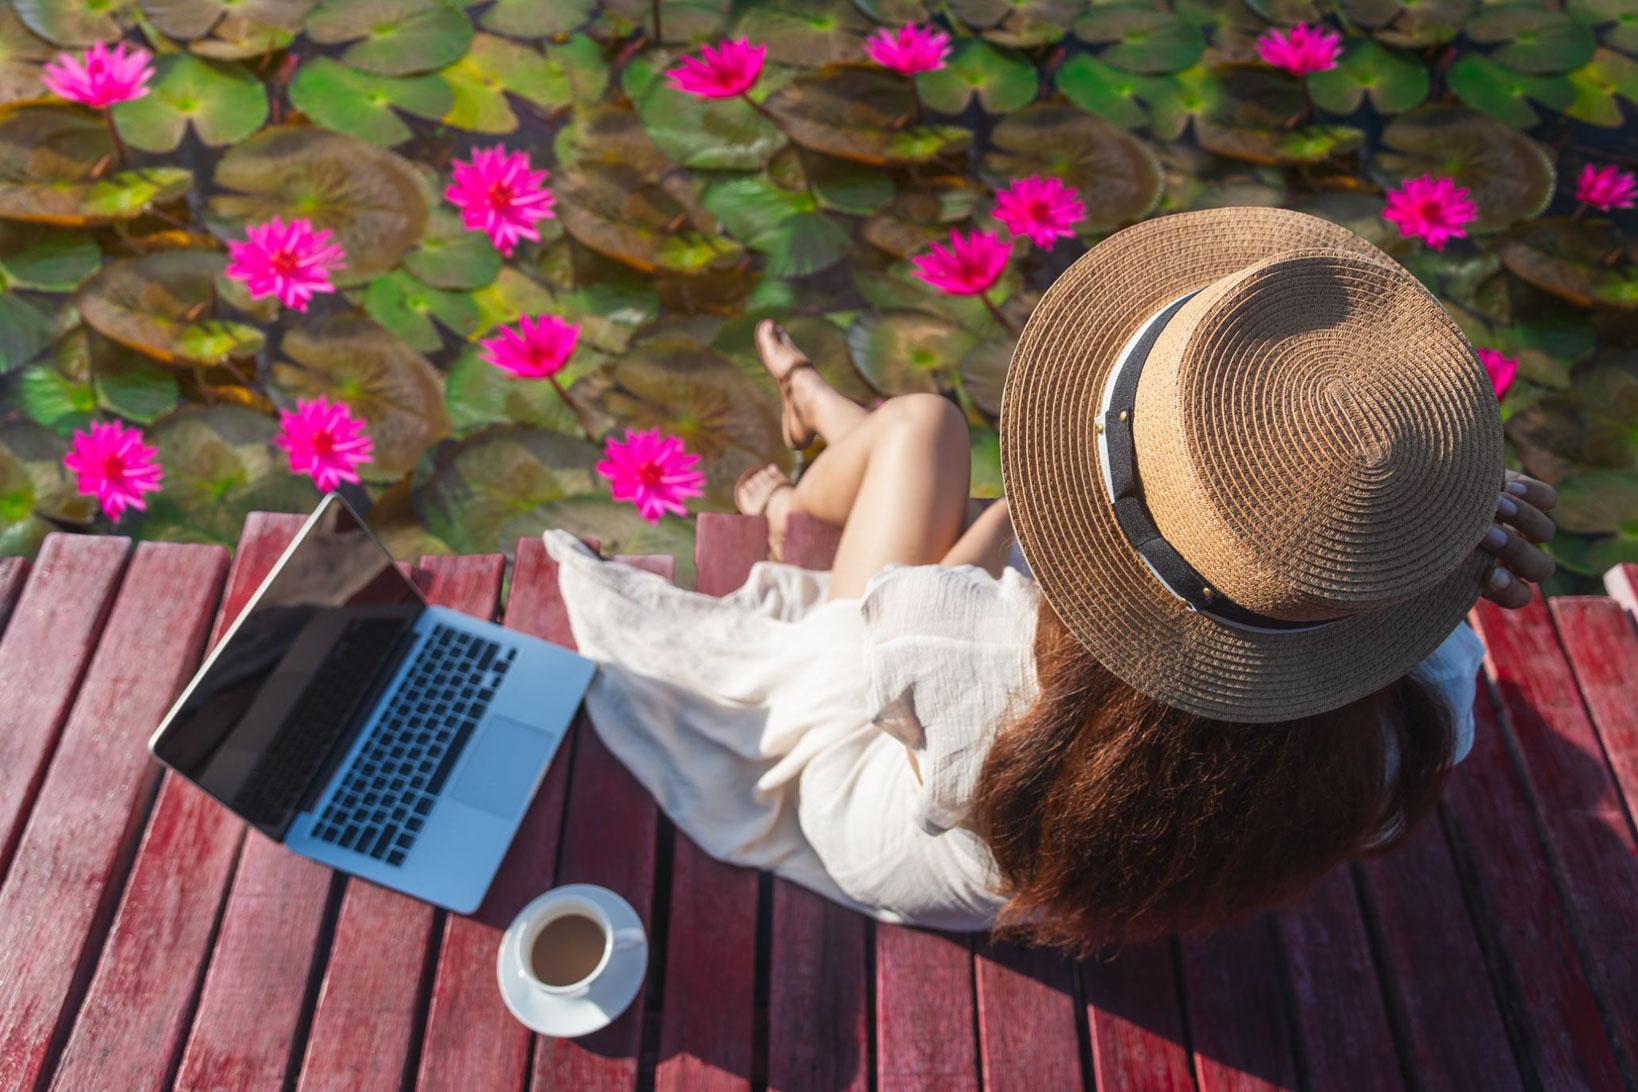 ที่เที่ยว,ที่พัก,พัทลุง,การท่องเที่ยว,ประเทศไทย,วิถีชีวิต,ชุมชน,ดริฟท์กาแฟ